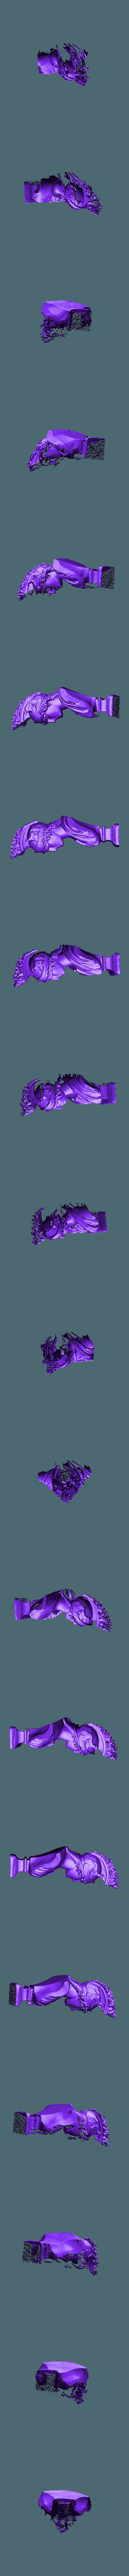 GreekStatue.stl Download free STL file Greek Bust 3D Scan (Dea Roma/Goddess Rome) • 3D printing object, 3DWP